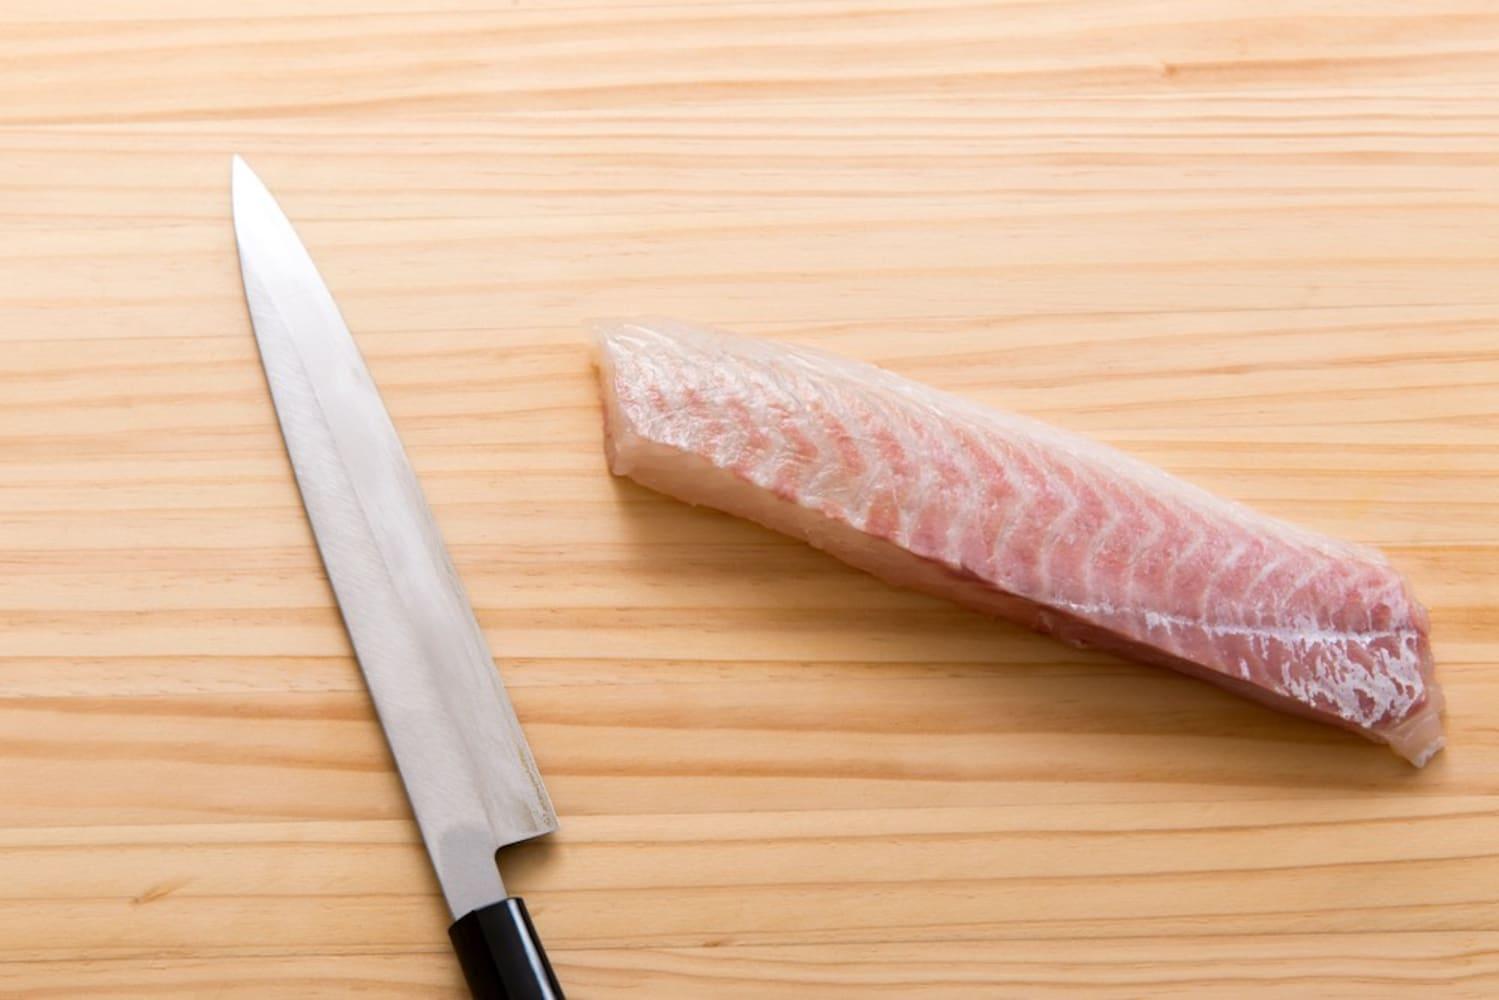 柳刃包丁と刺身包丁の違いは?